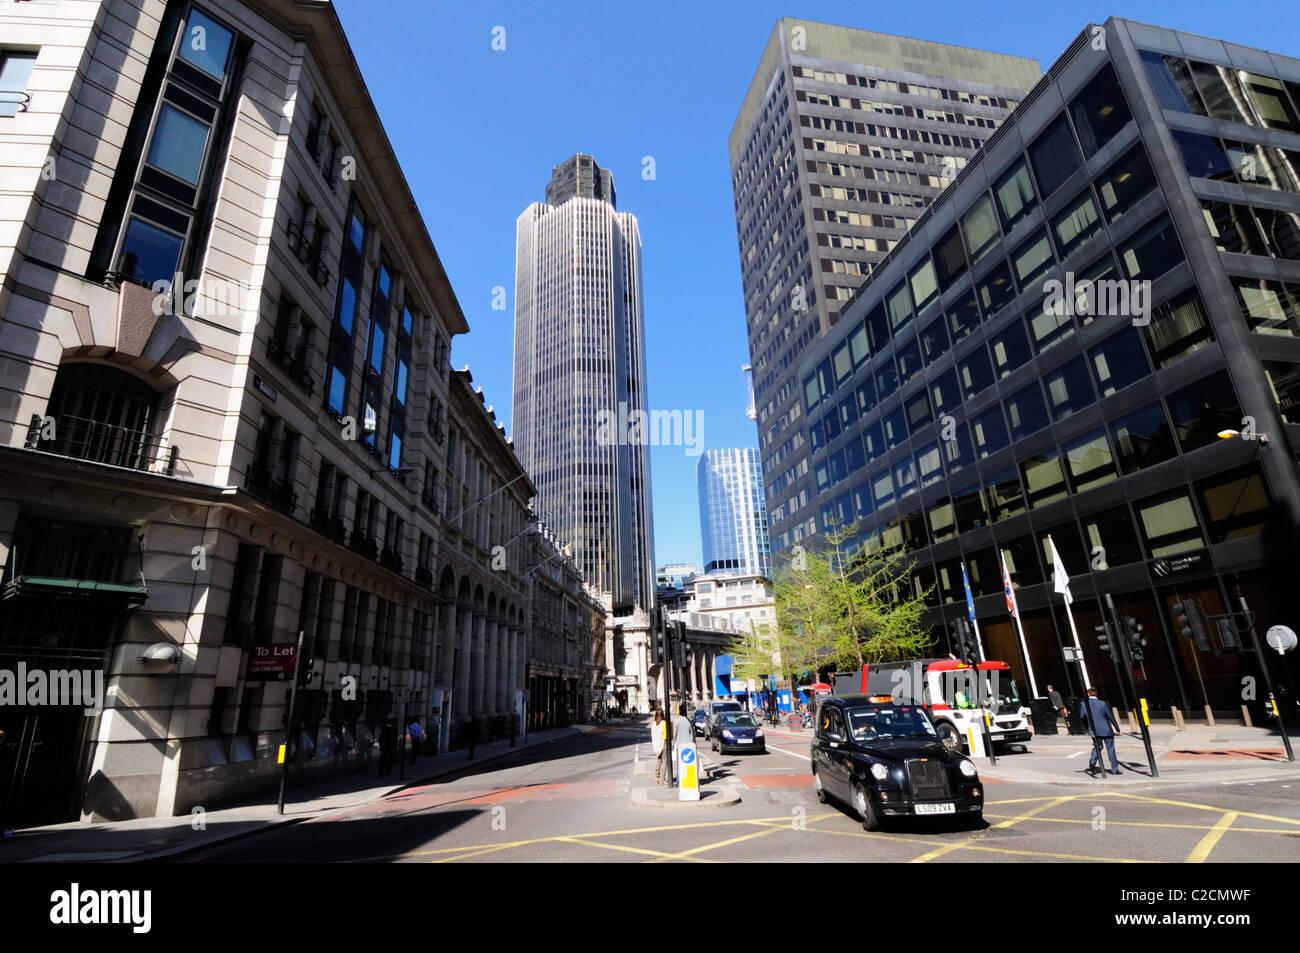 Straßenszene blickte Bishopsgate in Richtung Tower 42, London, England, UK Stockbild